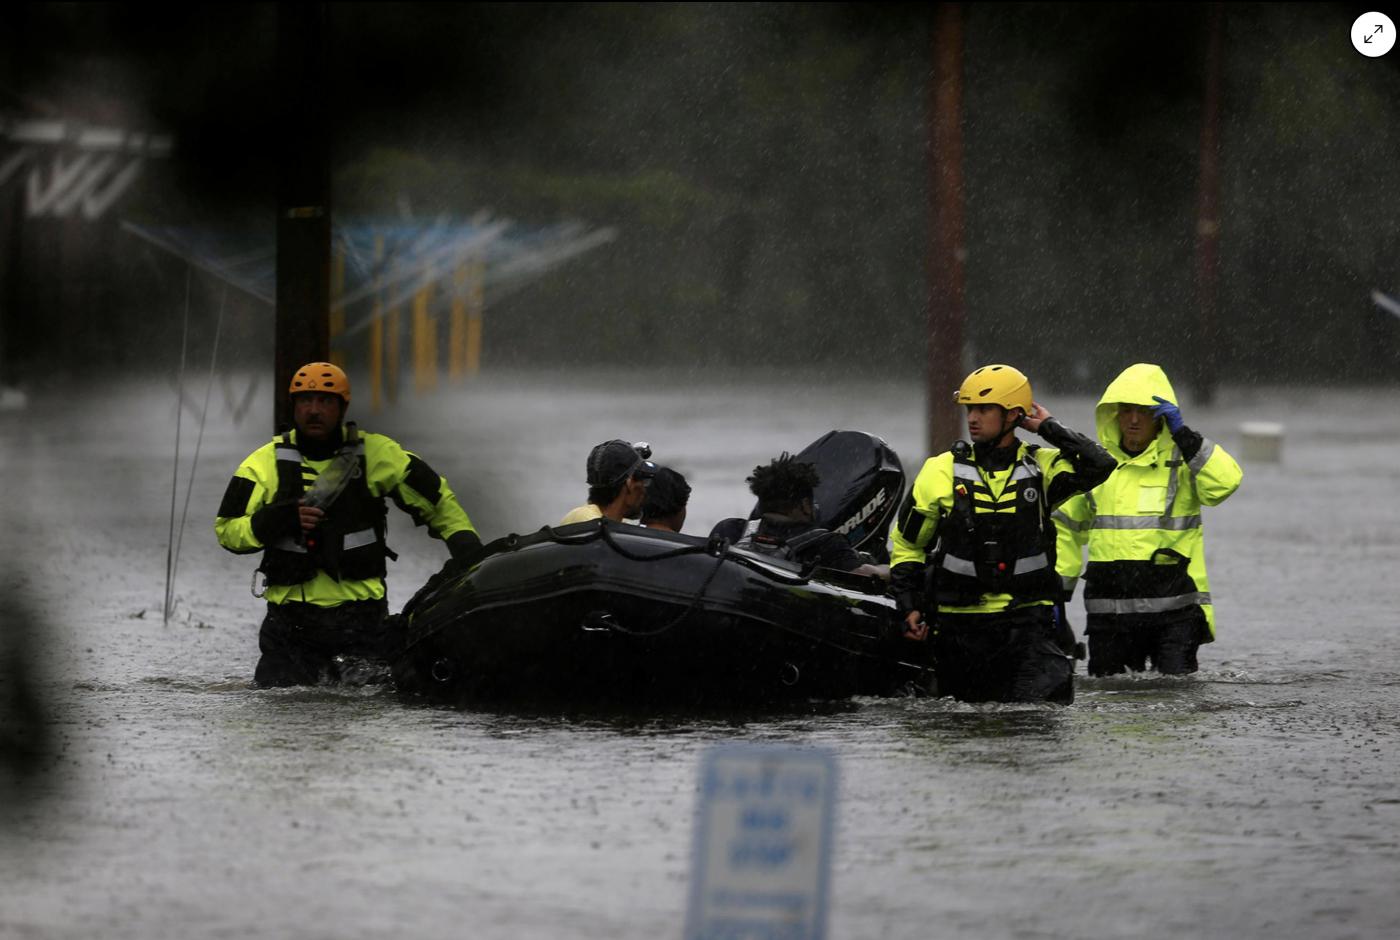 惨不忍睹:狂风袭击下的美国和香港_图1-14